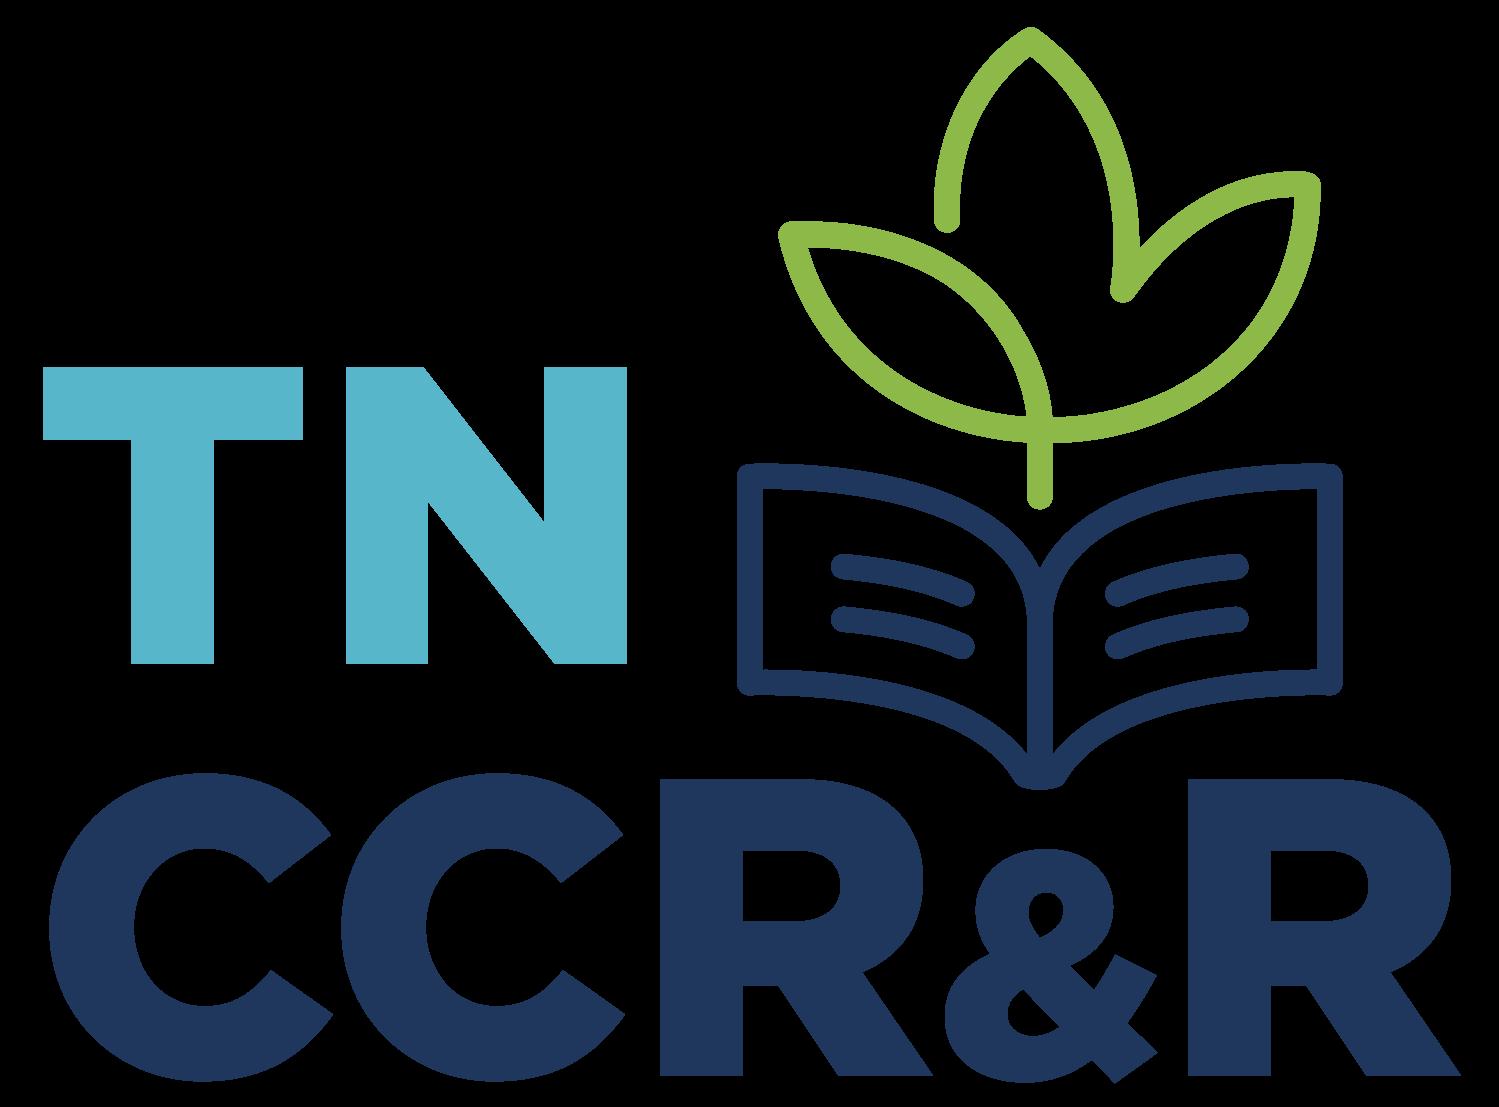 CCR&R - SPLASH FAN SPONSOR